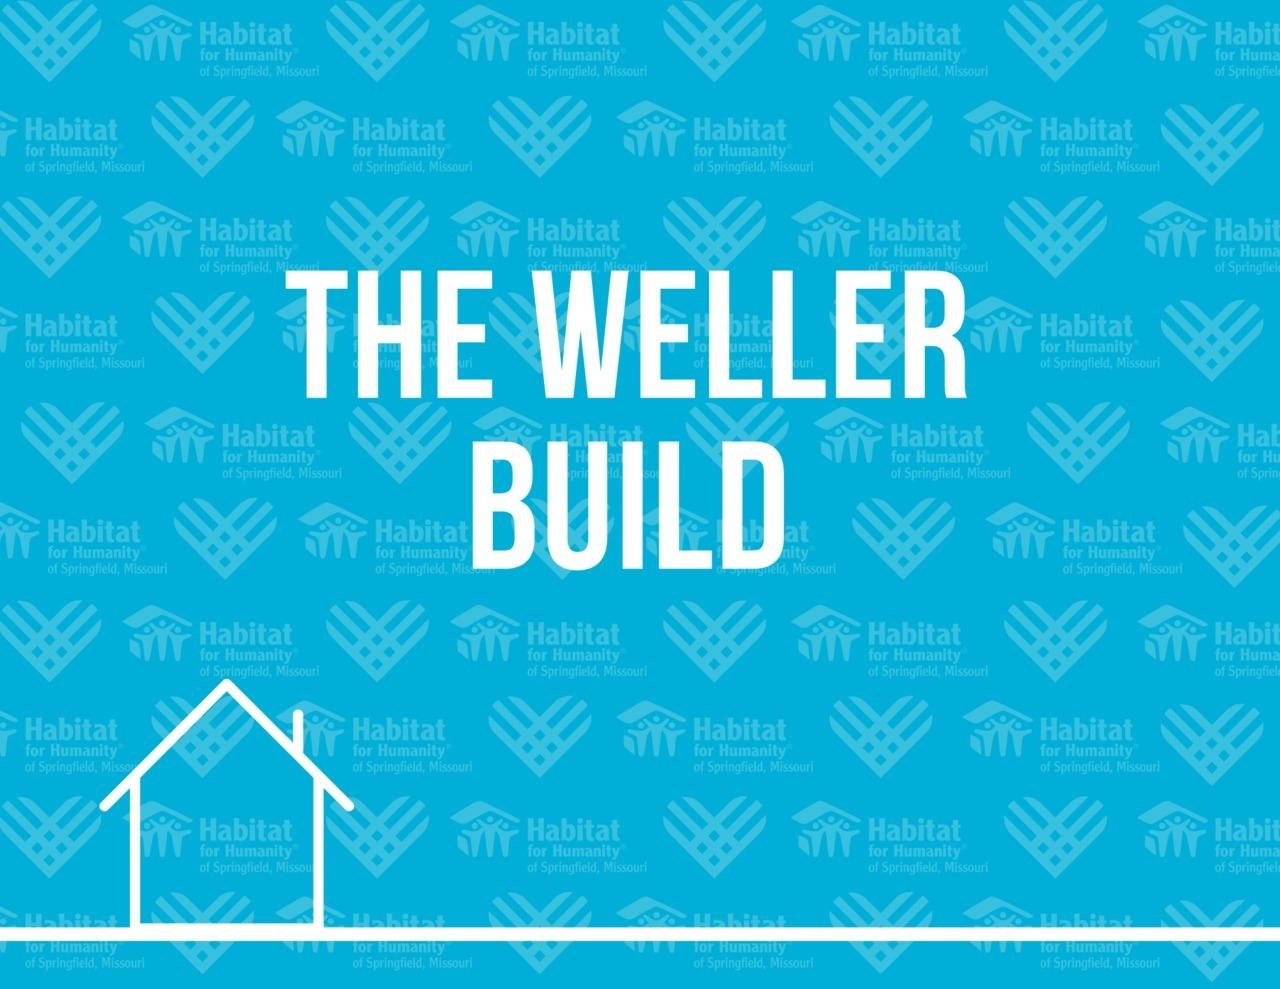 Weller Build